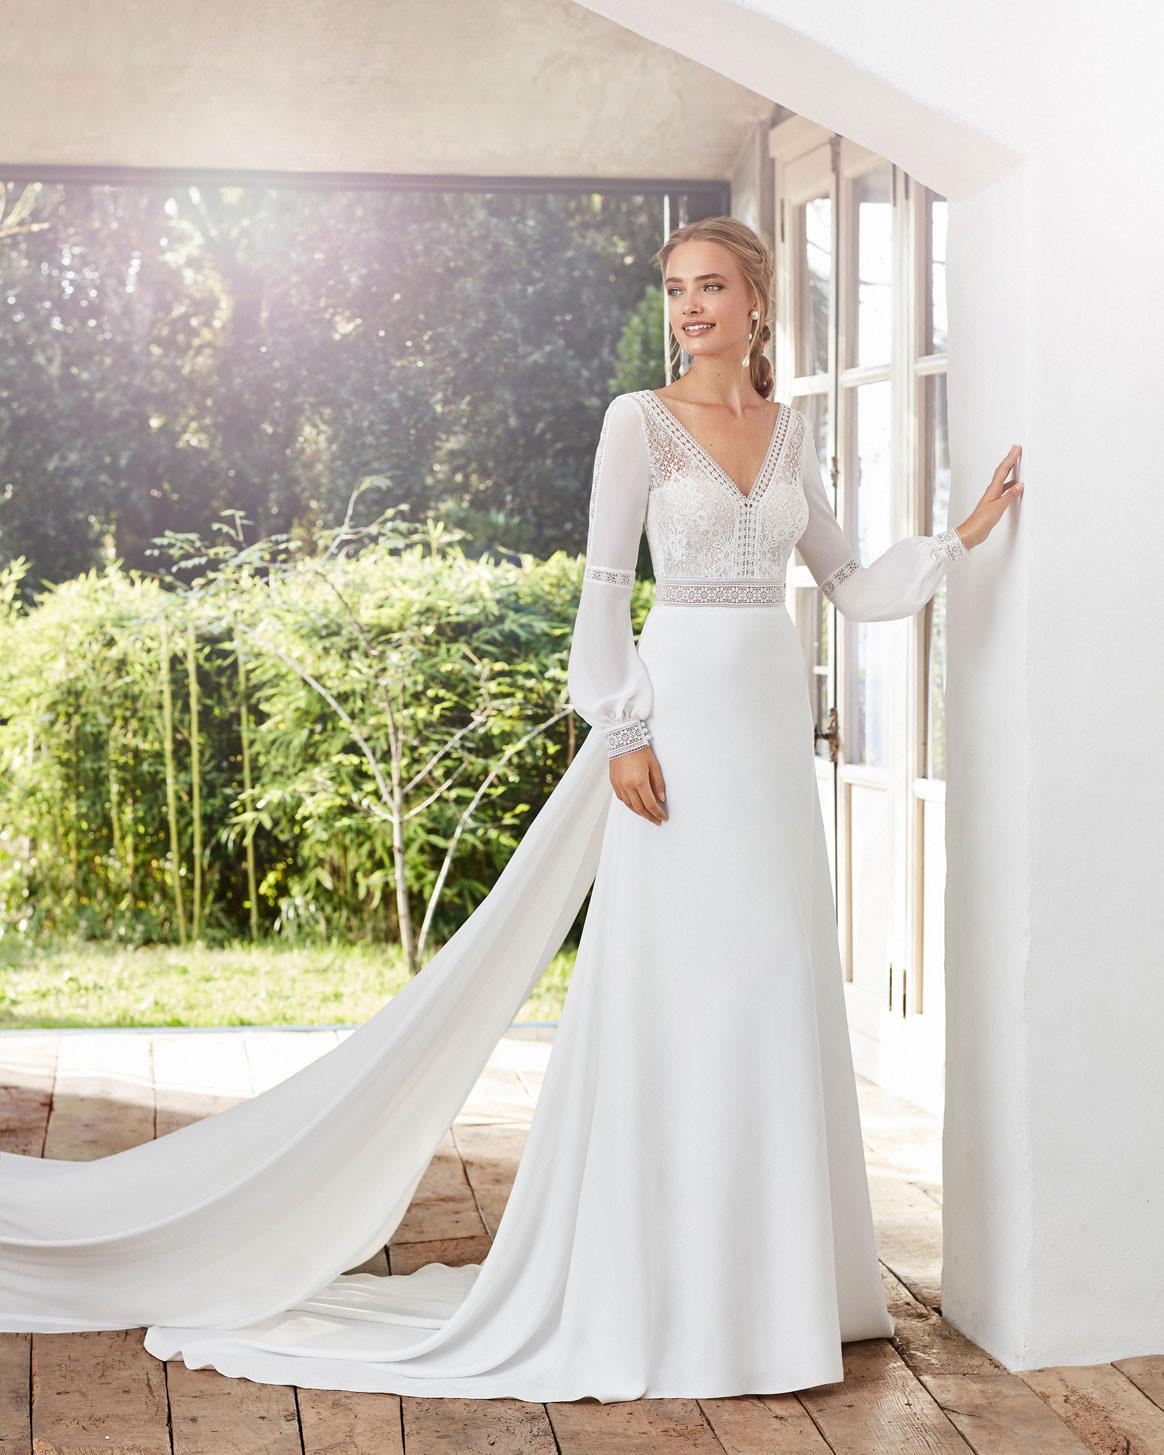 Kollektionen Unserer Brautkleider - Ewig Uns – Traumhafte